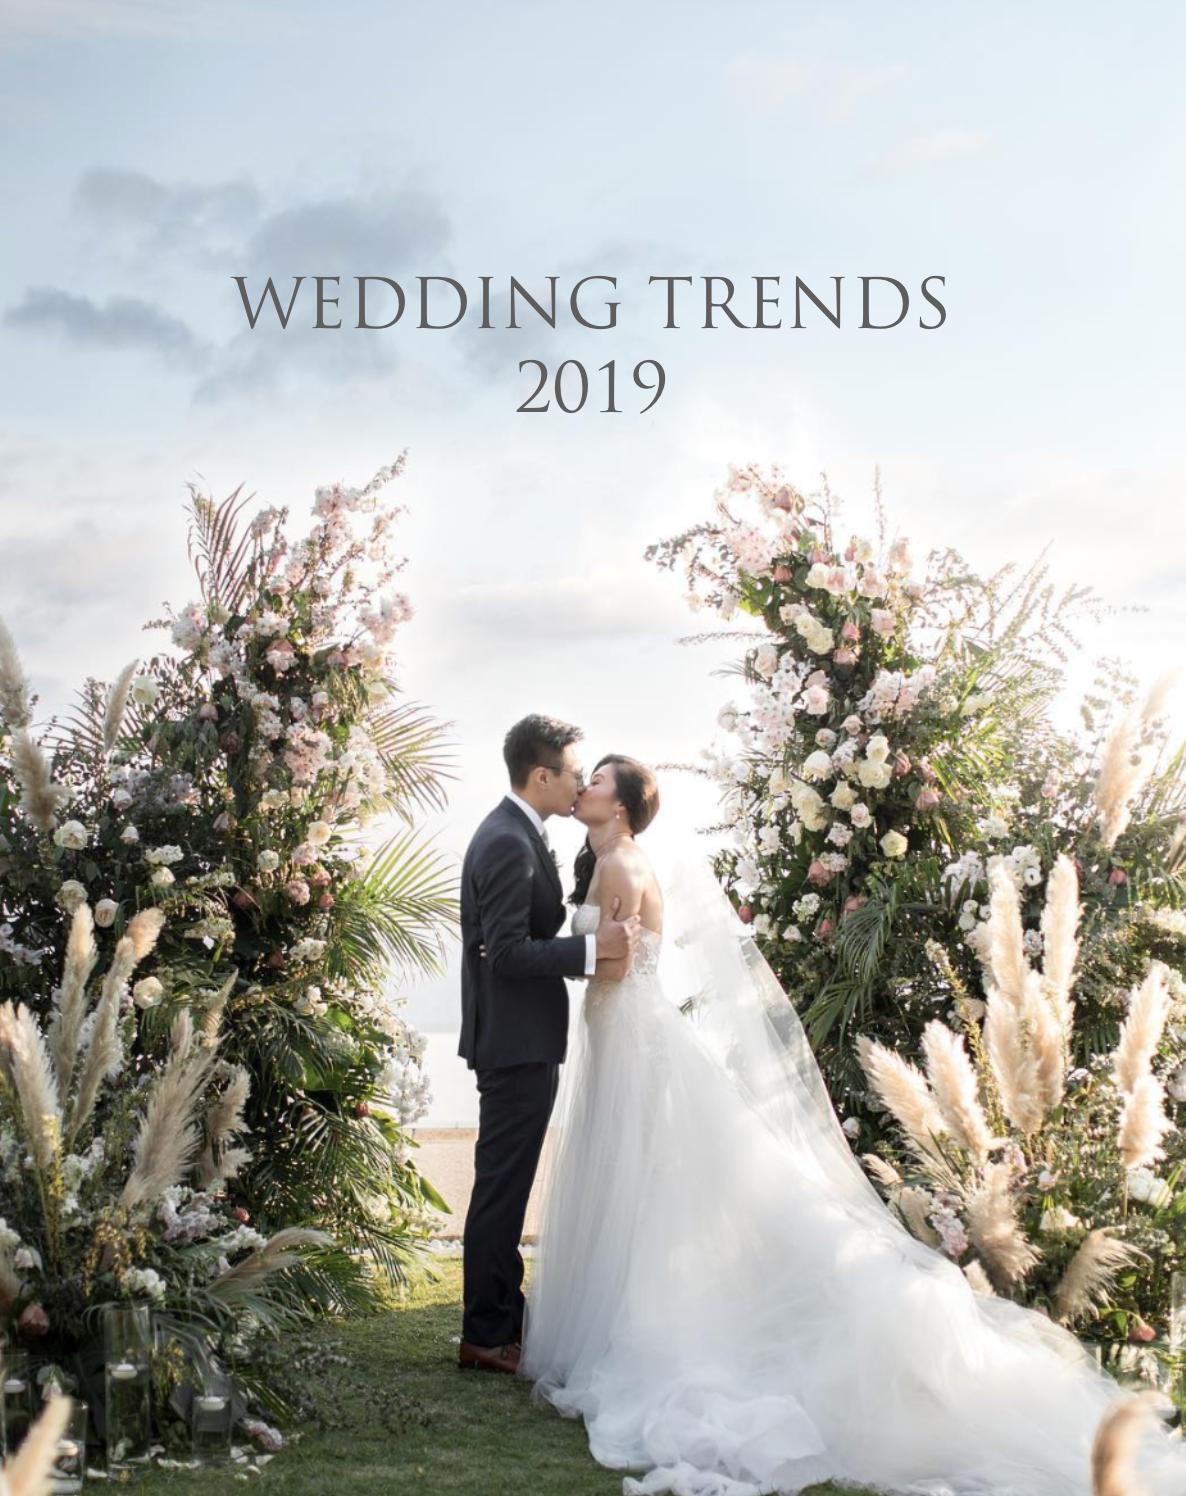 2019 Wedding Trends.Wedding Trends 2019 The Wedding Bliss Thailand